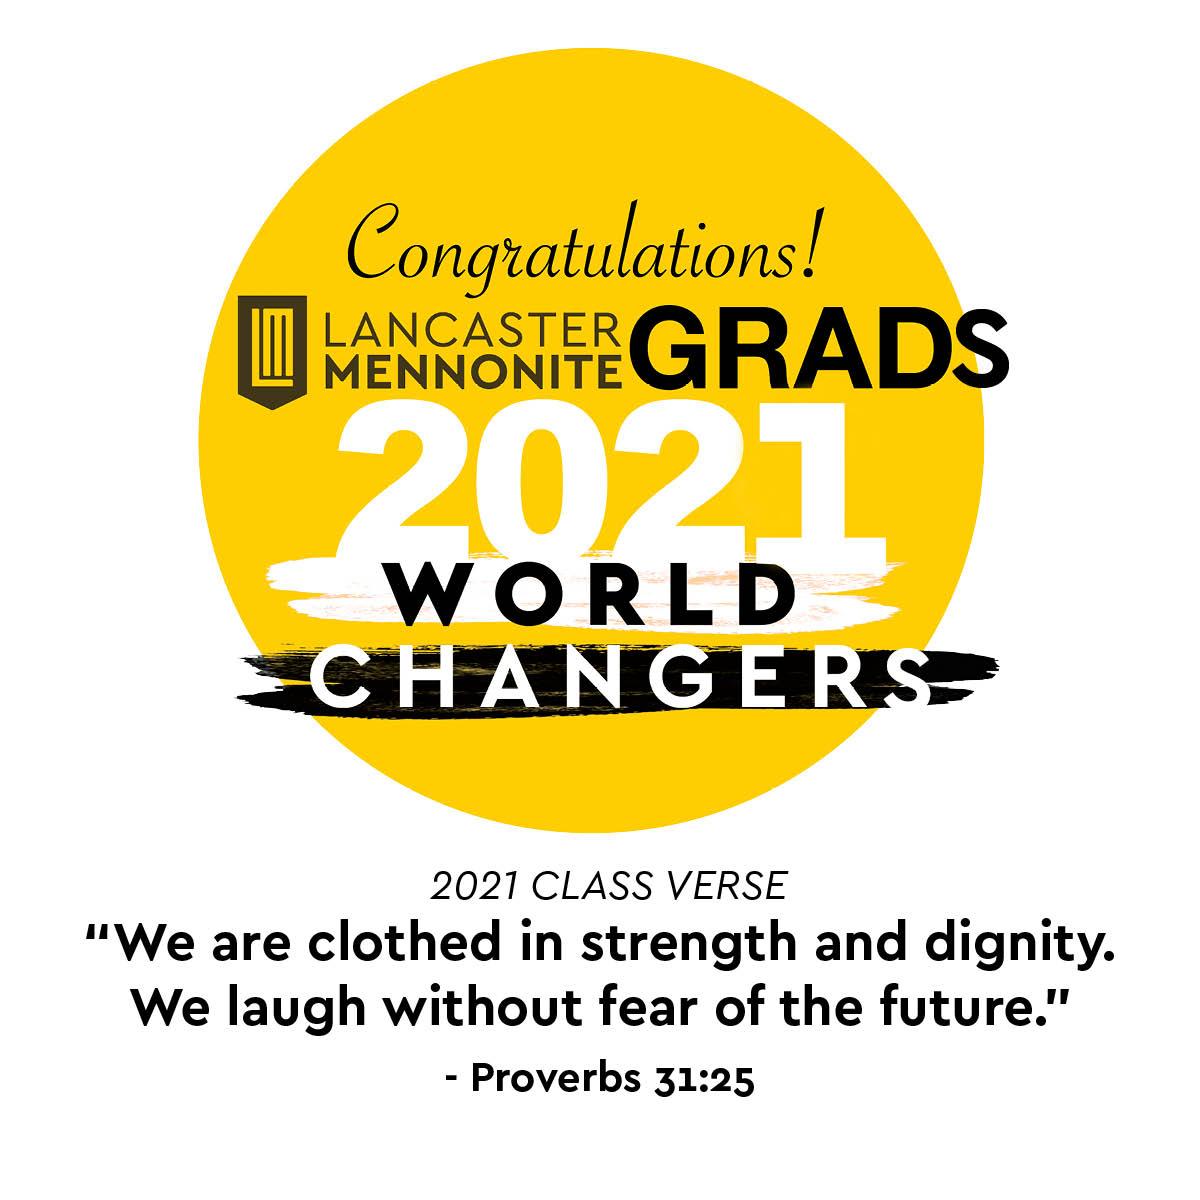 2021 grads congrats and class verse